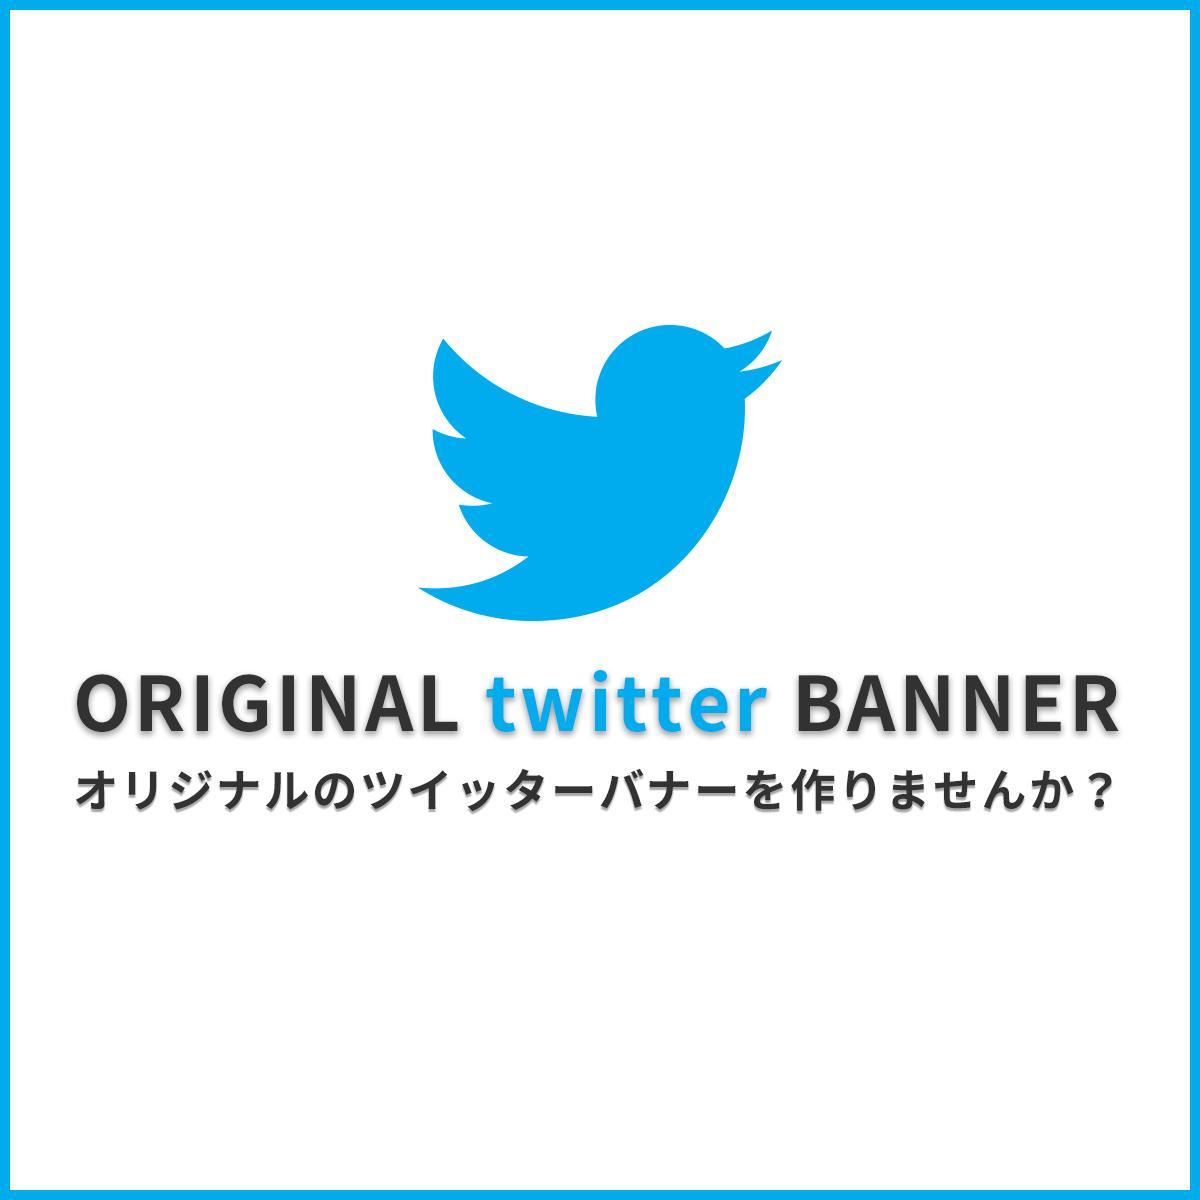 twitterのヘッダーバナーとアイコン作成します オリジナルなtwitterバナーを作成しませんか? イメージ1